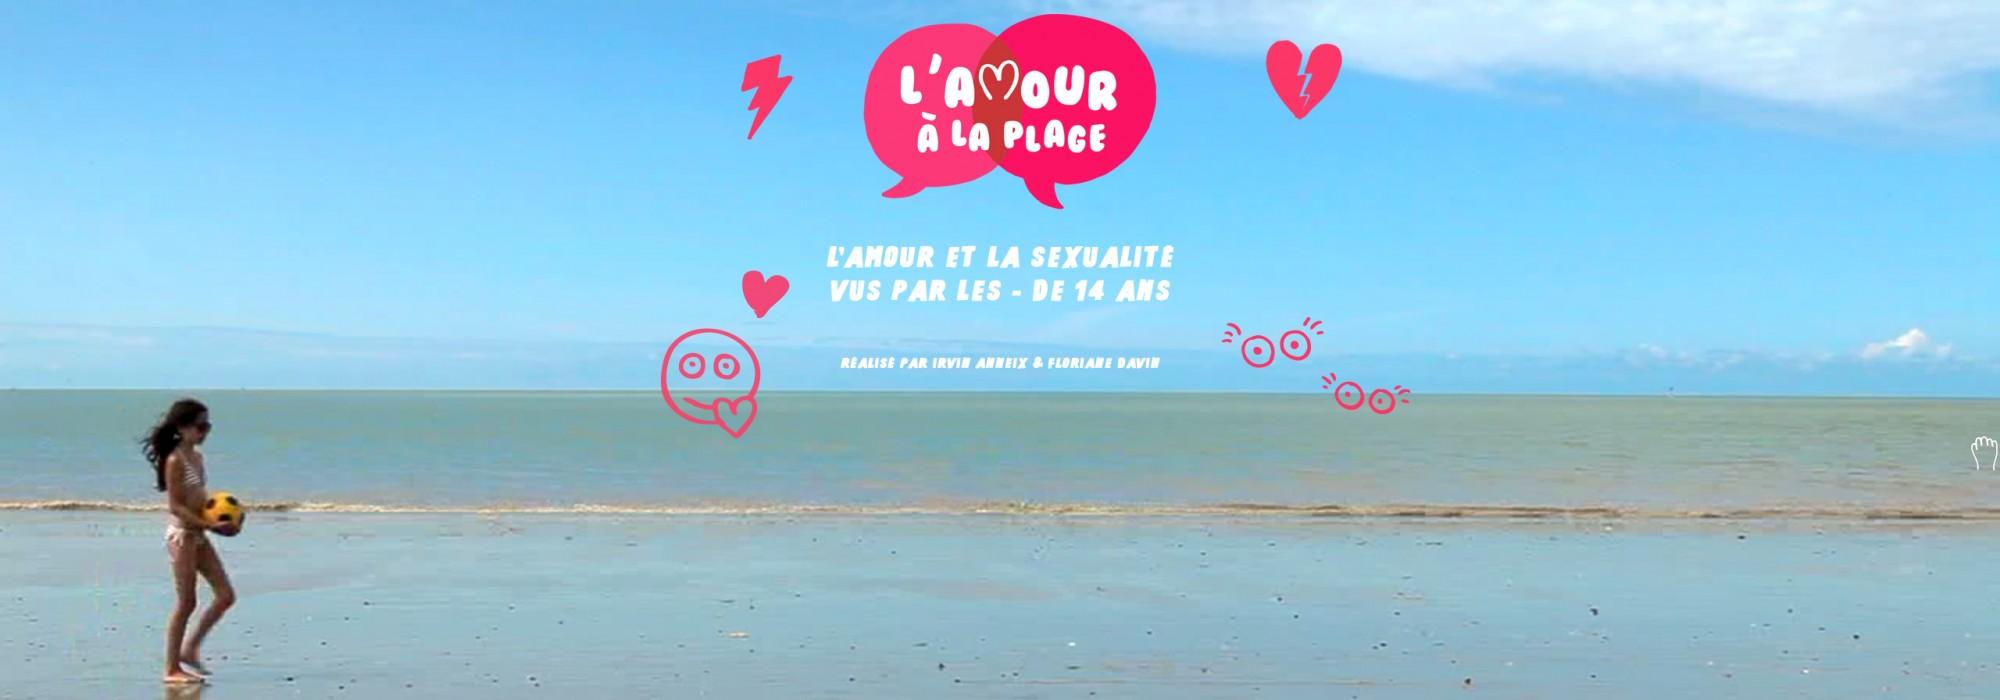 amour-a-la-plage